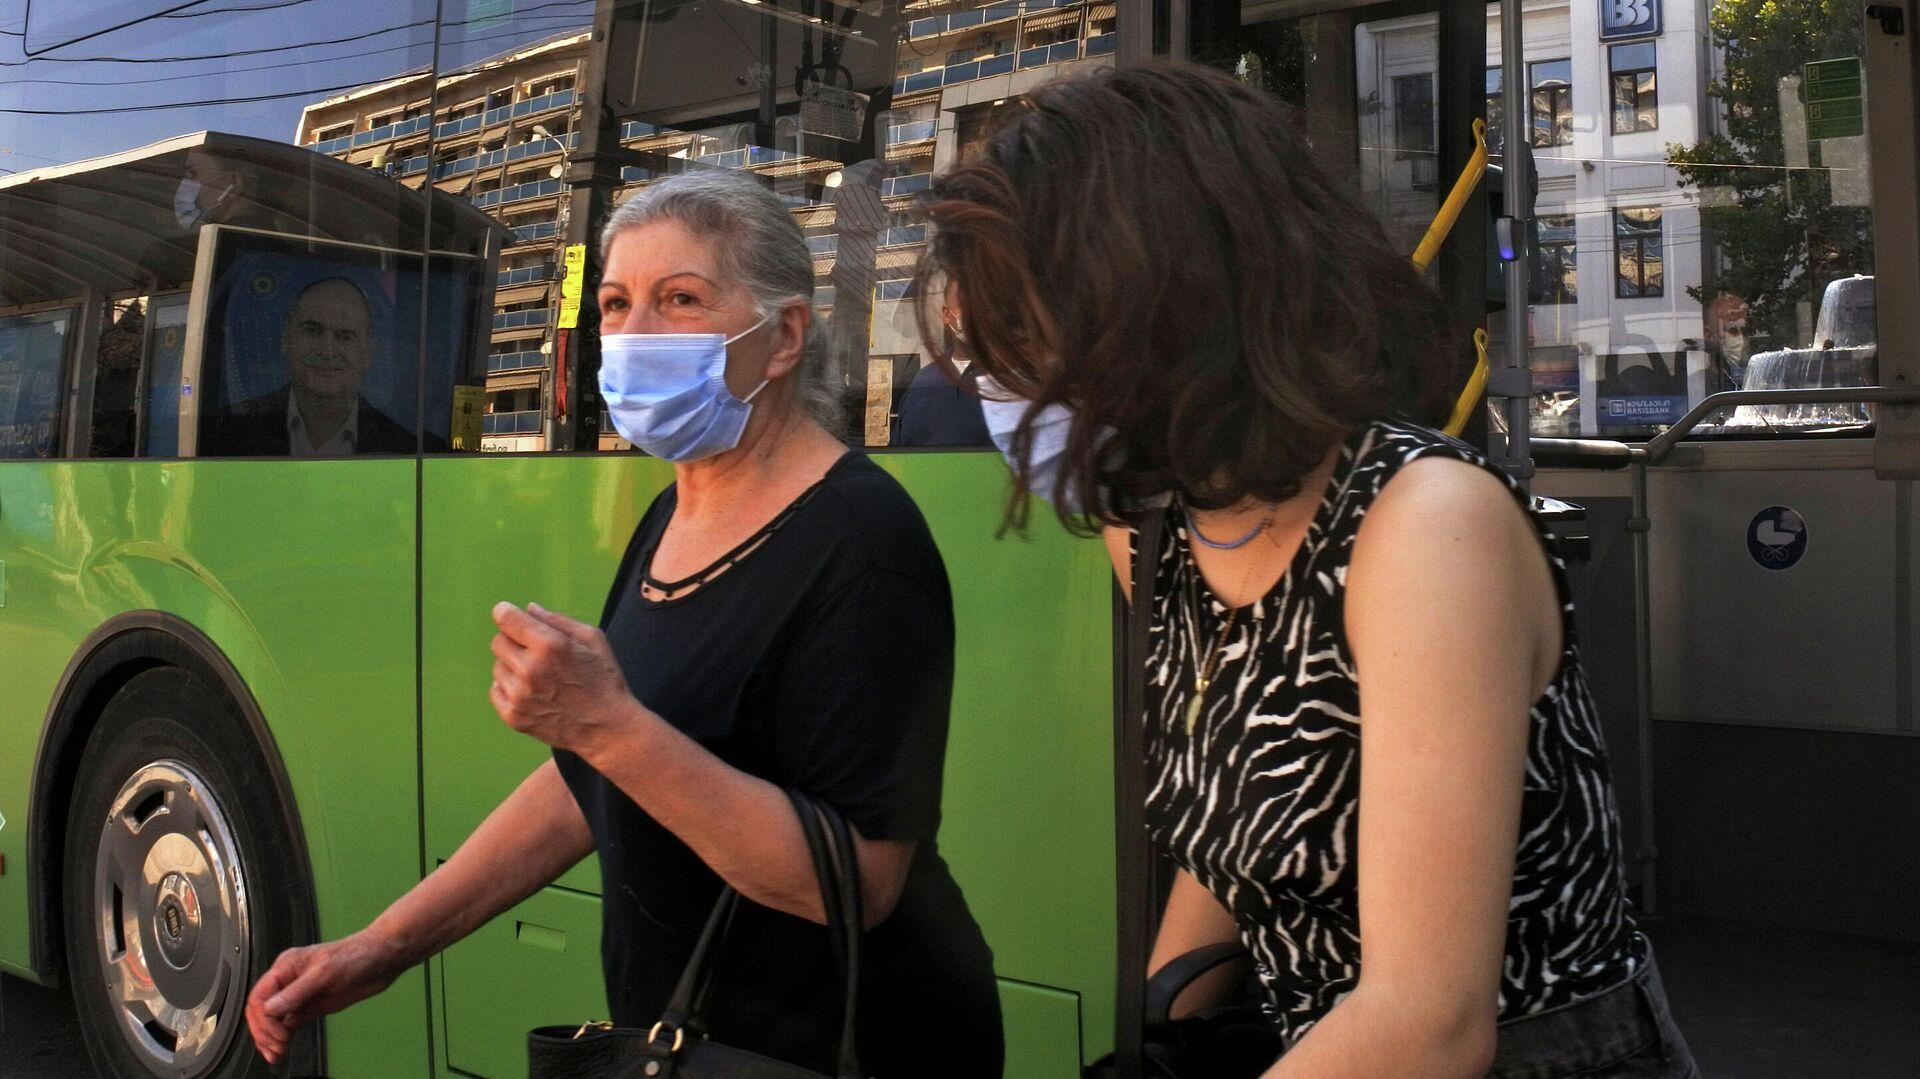 Эпидемия коронавируса - женщины в масках выходят из автобуса - Sputnik Грузия, 1920, 21.09.2021